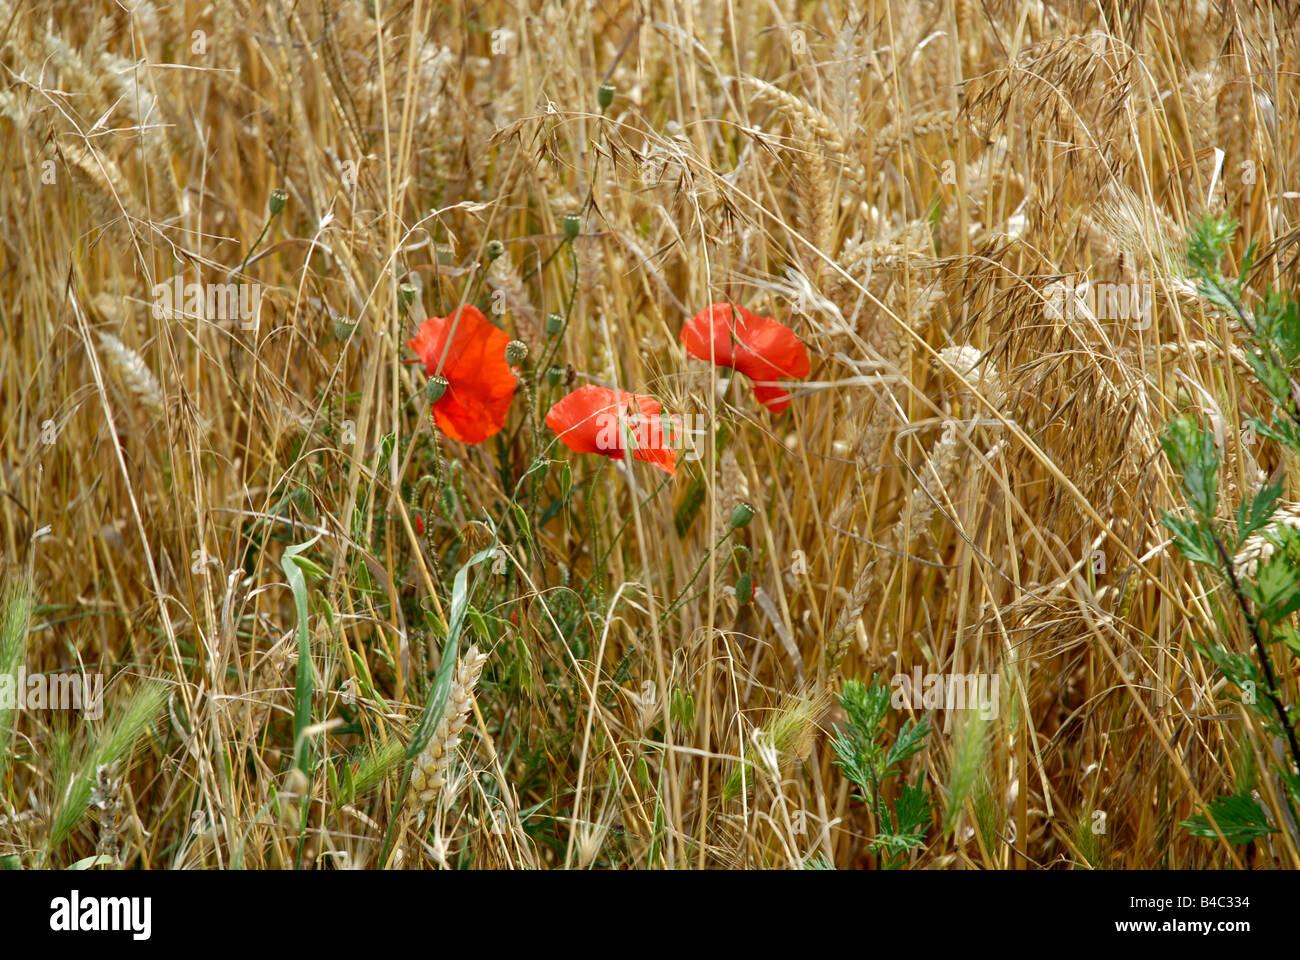 Poppy in wheat field France - Stock Image